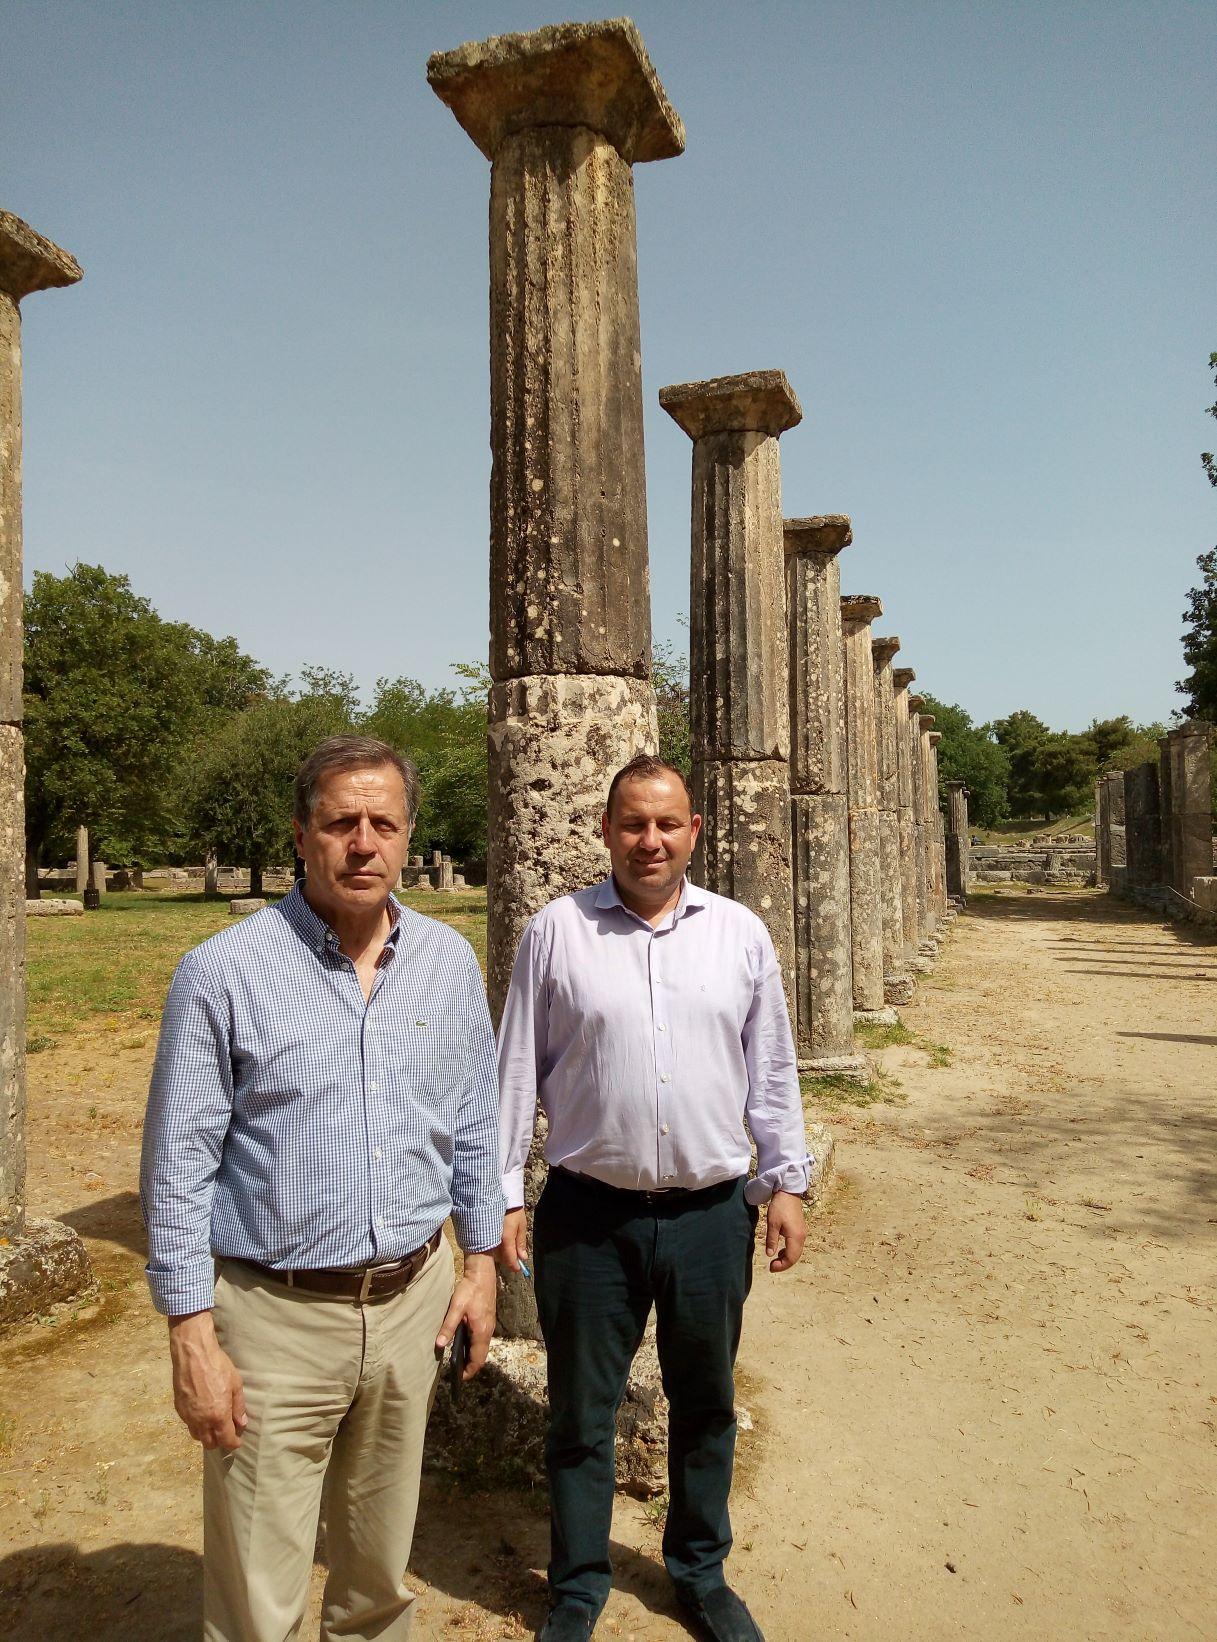 Αρχαία Ολυμπία: Μήνυμα Δημάρχου Γ. Γεωργιόπουλου από τον αρχαιολογικό χώρο που επαναλειτουργεί: «Η Ολυμπία είναι ένας ασφαλής τουριστικός προορισμός» (photos)